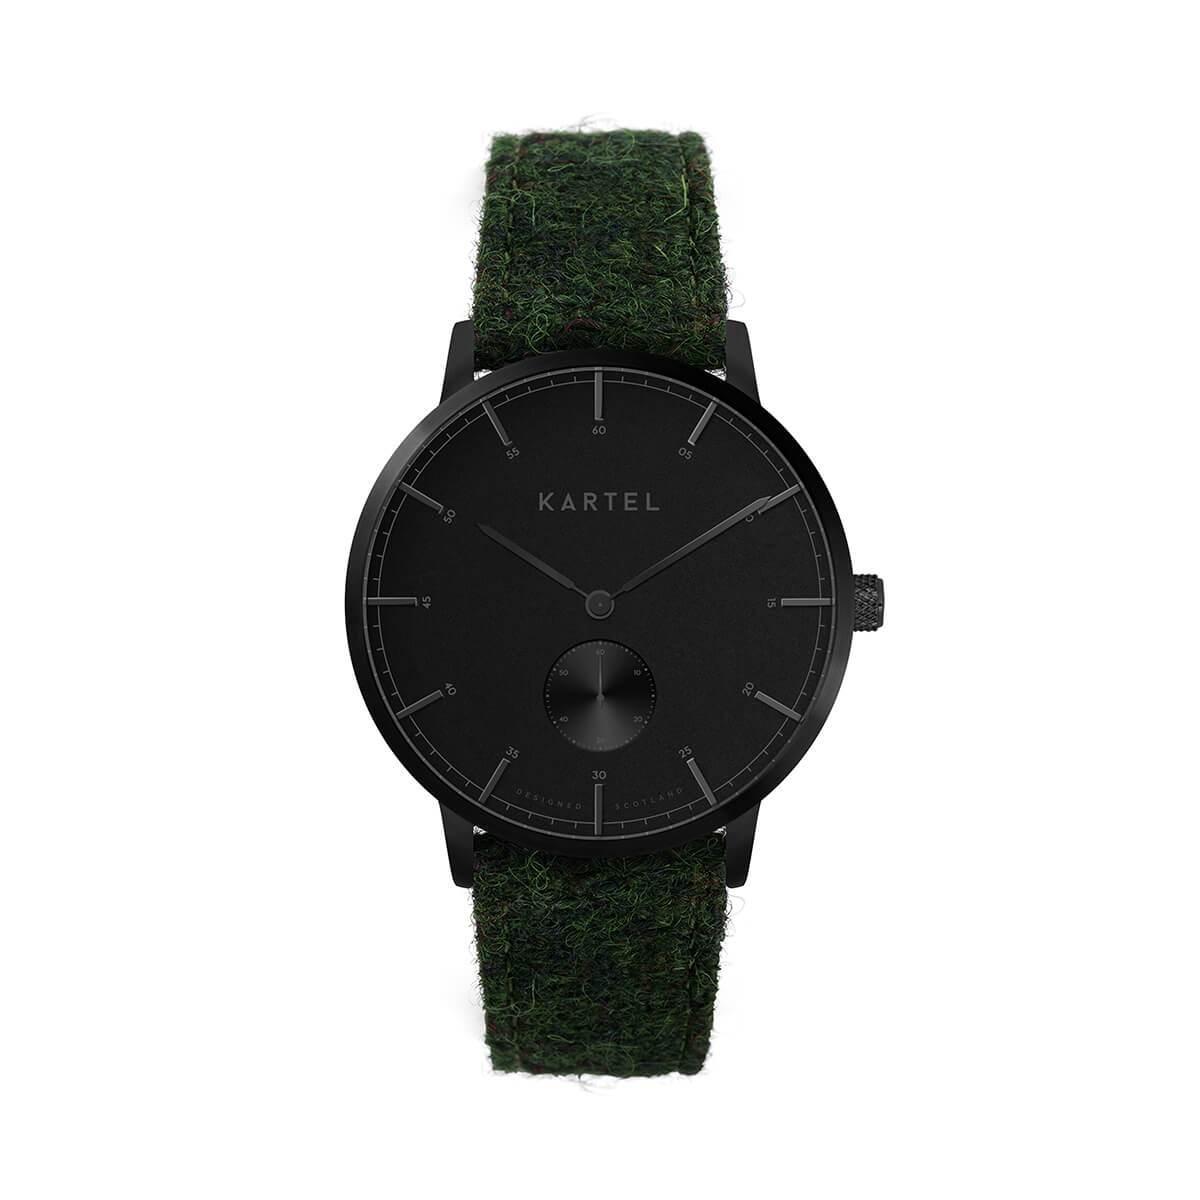 Kartel Tweed Watch £109